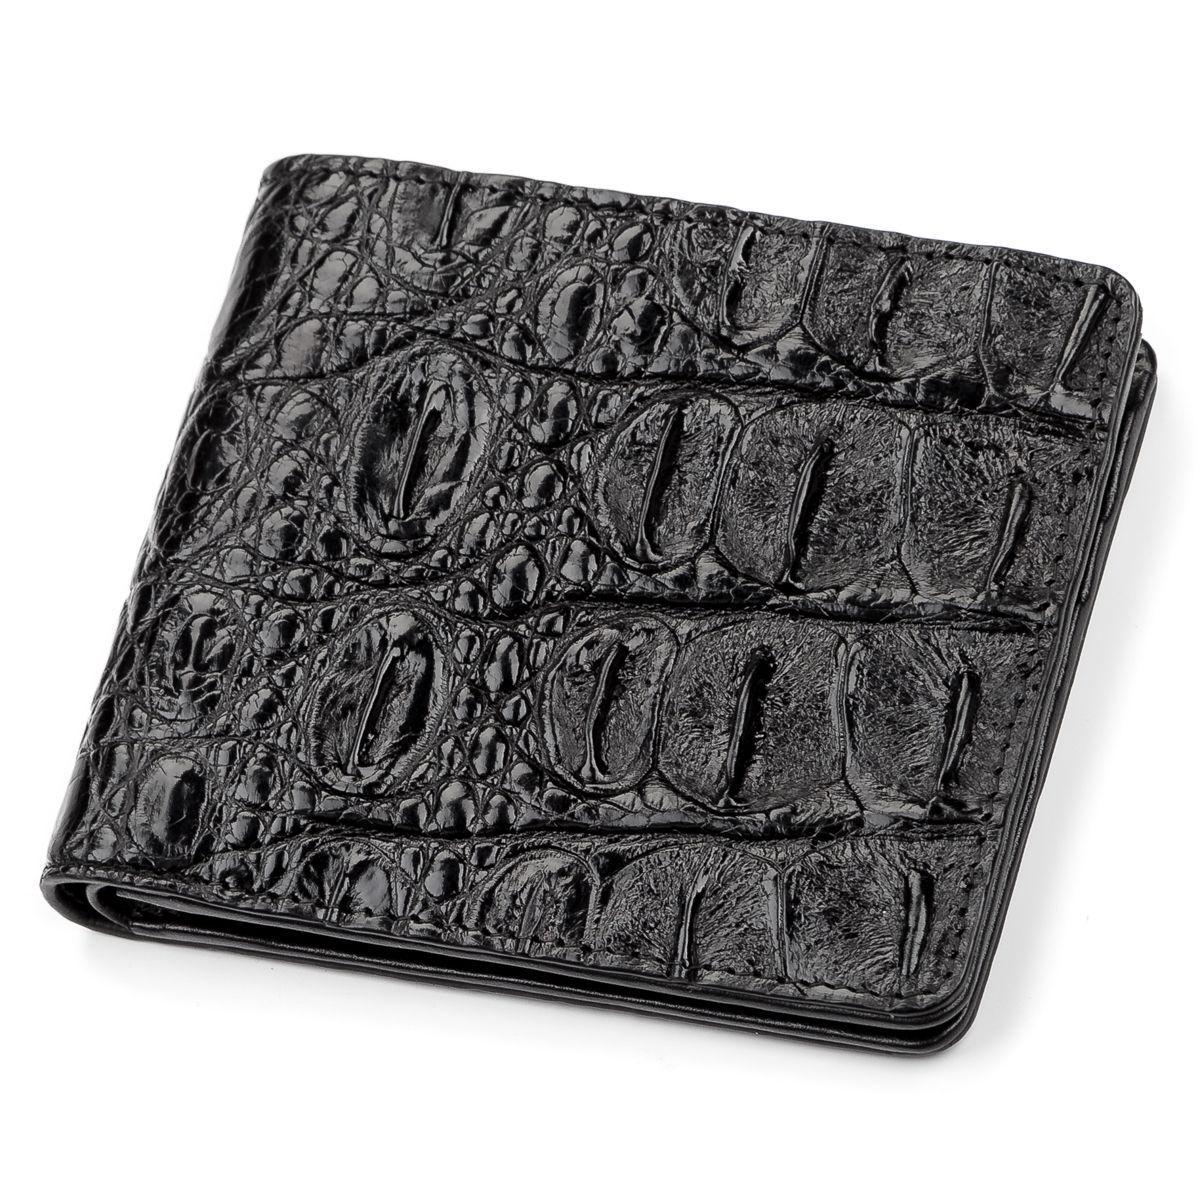 aafaade0c3f8 Портмоне CROCODILE LEATHER 18045 из натуральной кожи крокодила Черное,  Черный, КОД: 219193